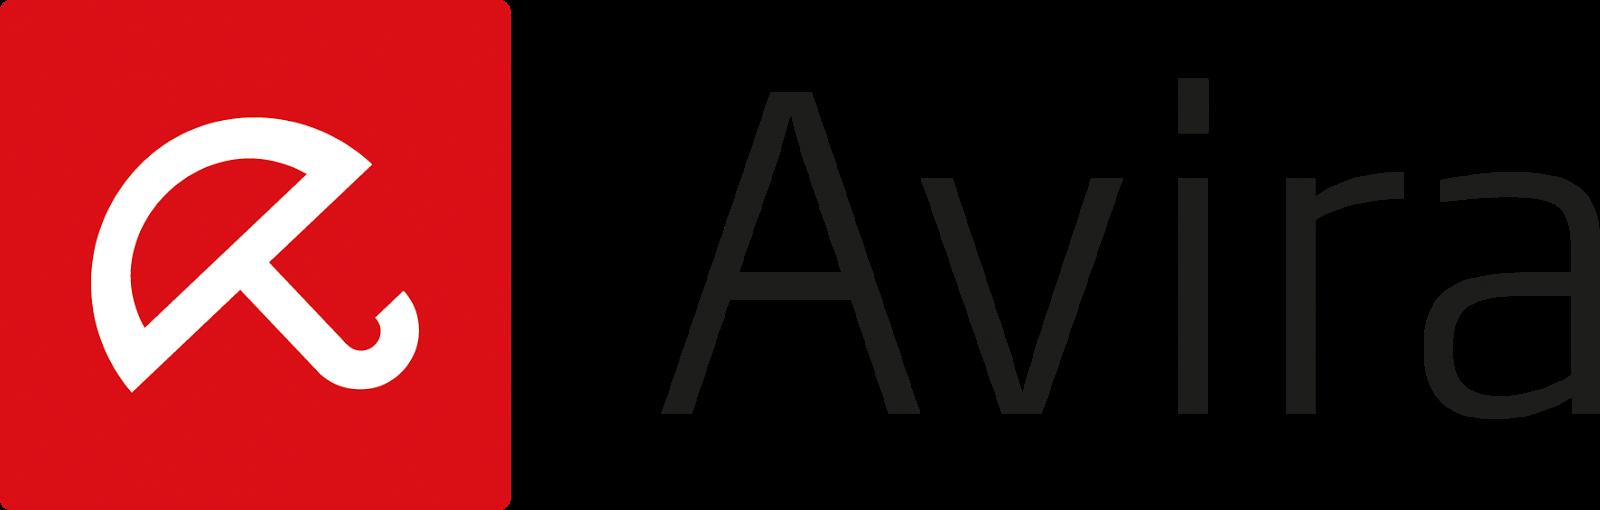 Avira логотип